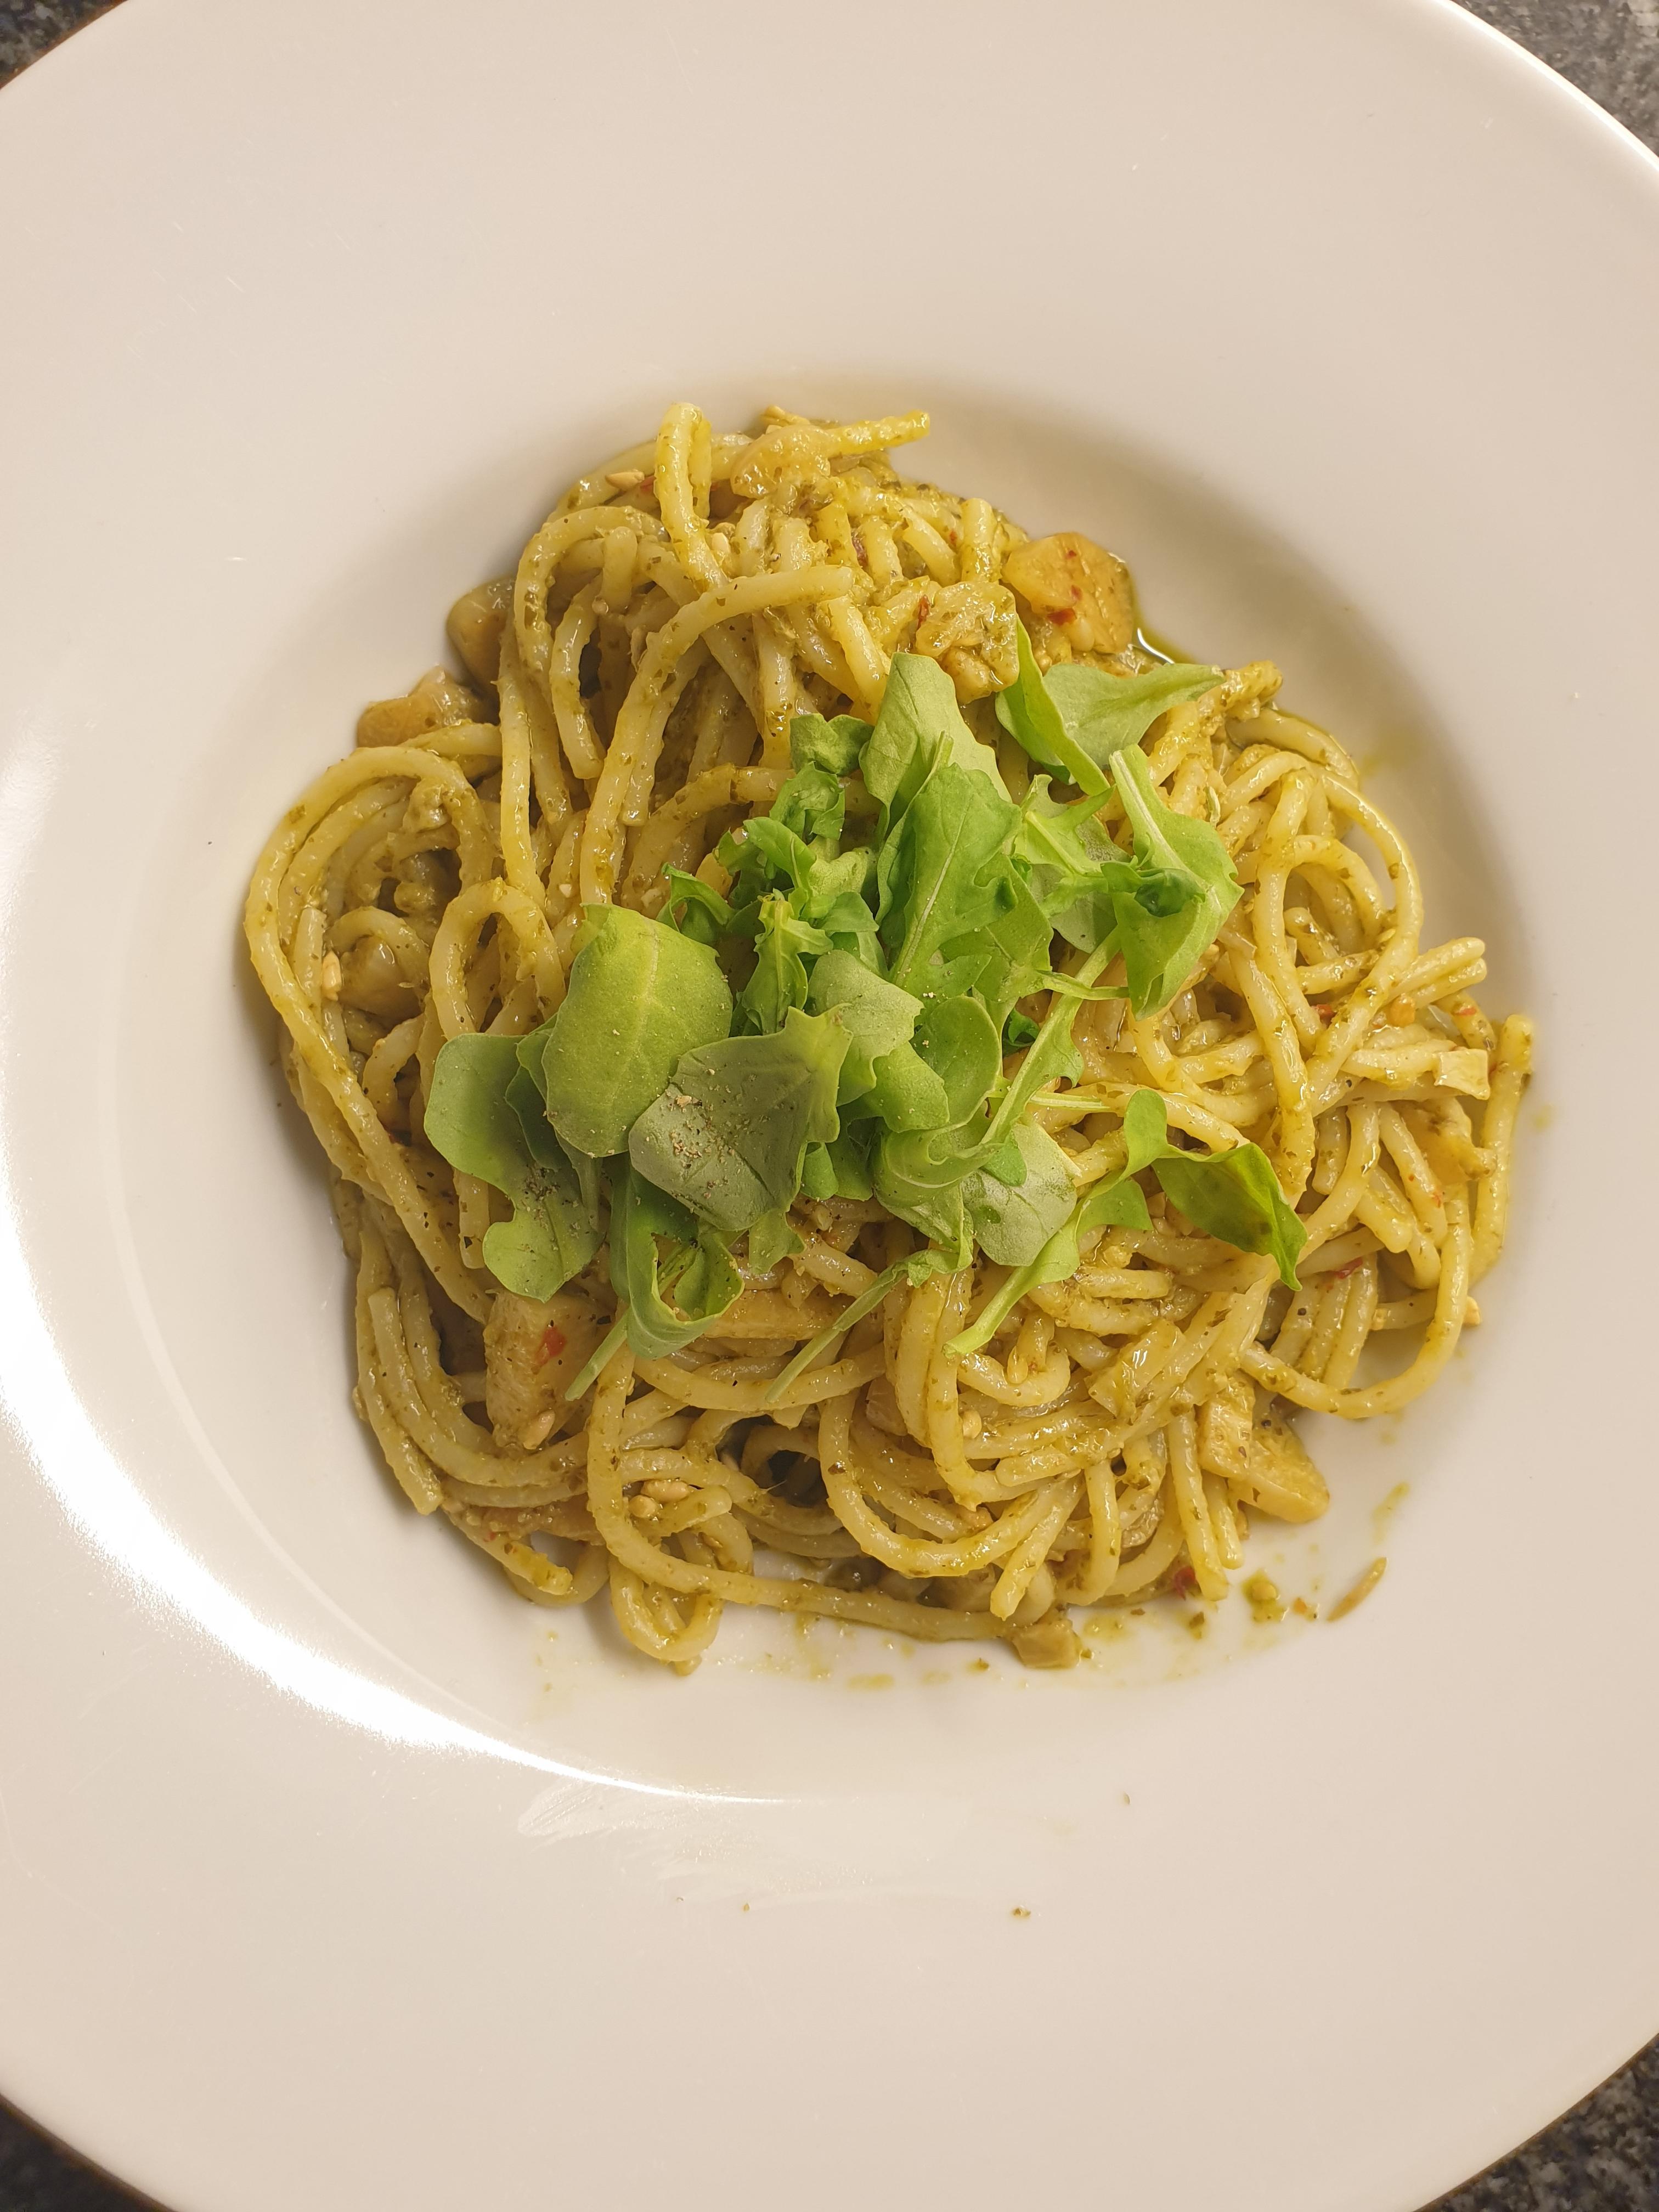 https://foodloader.net/xSh_2020-04-28_Spaghetti_Pesto.jpg